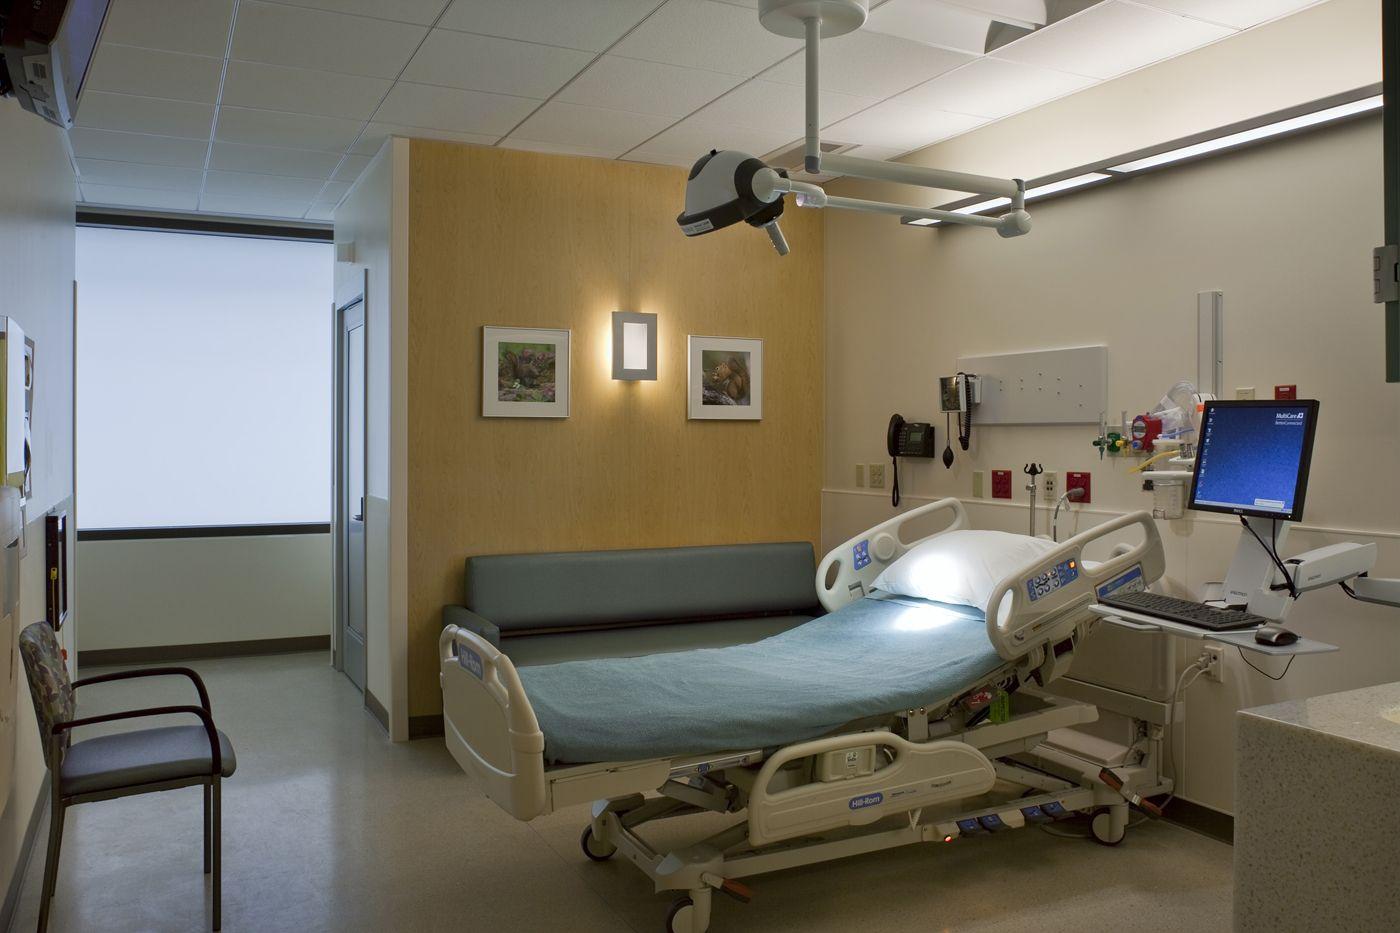 Hospital Rooms Bing Images Complete Bedroom Set Ups